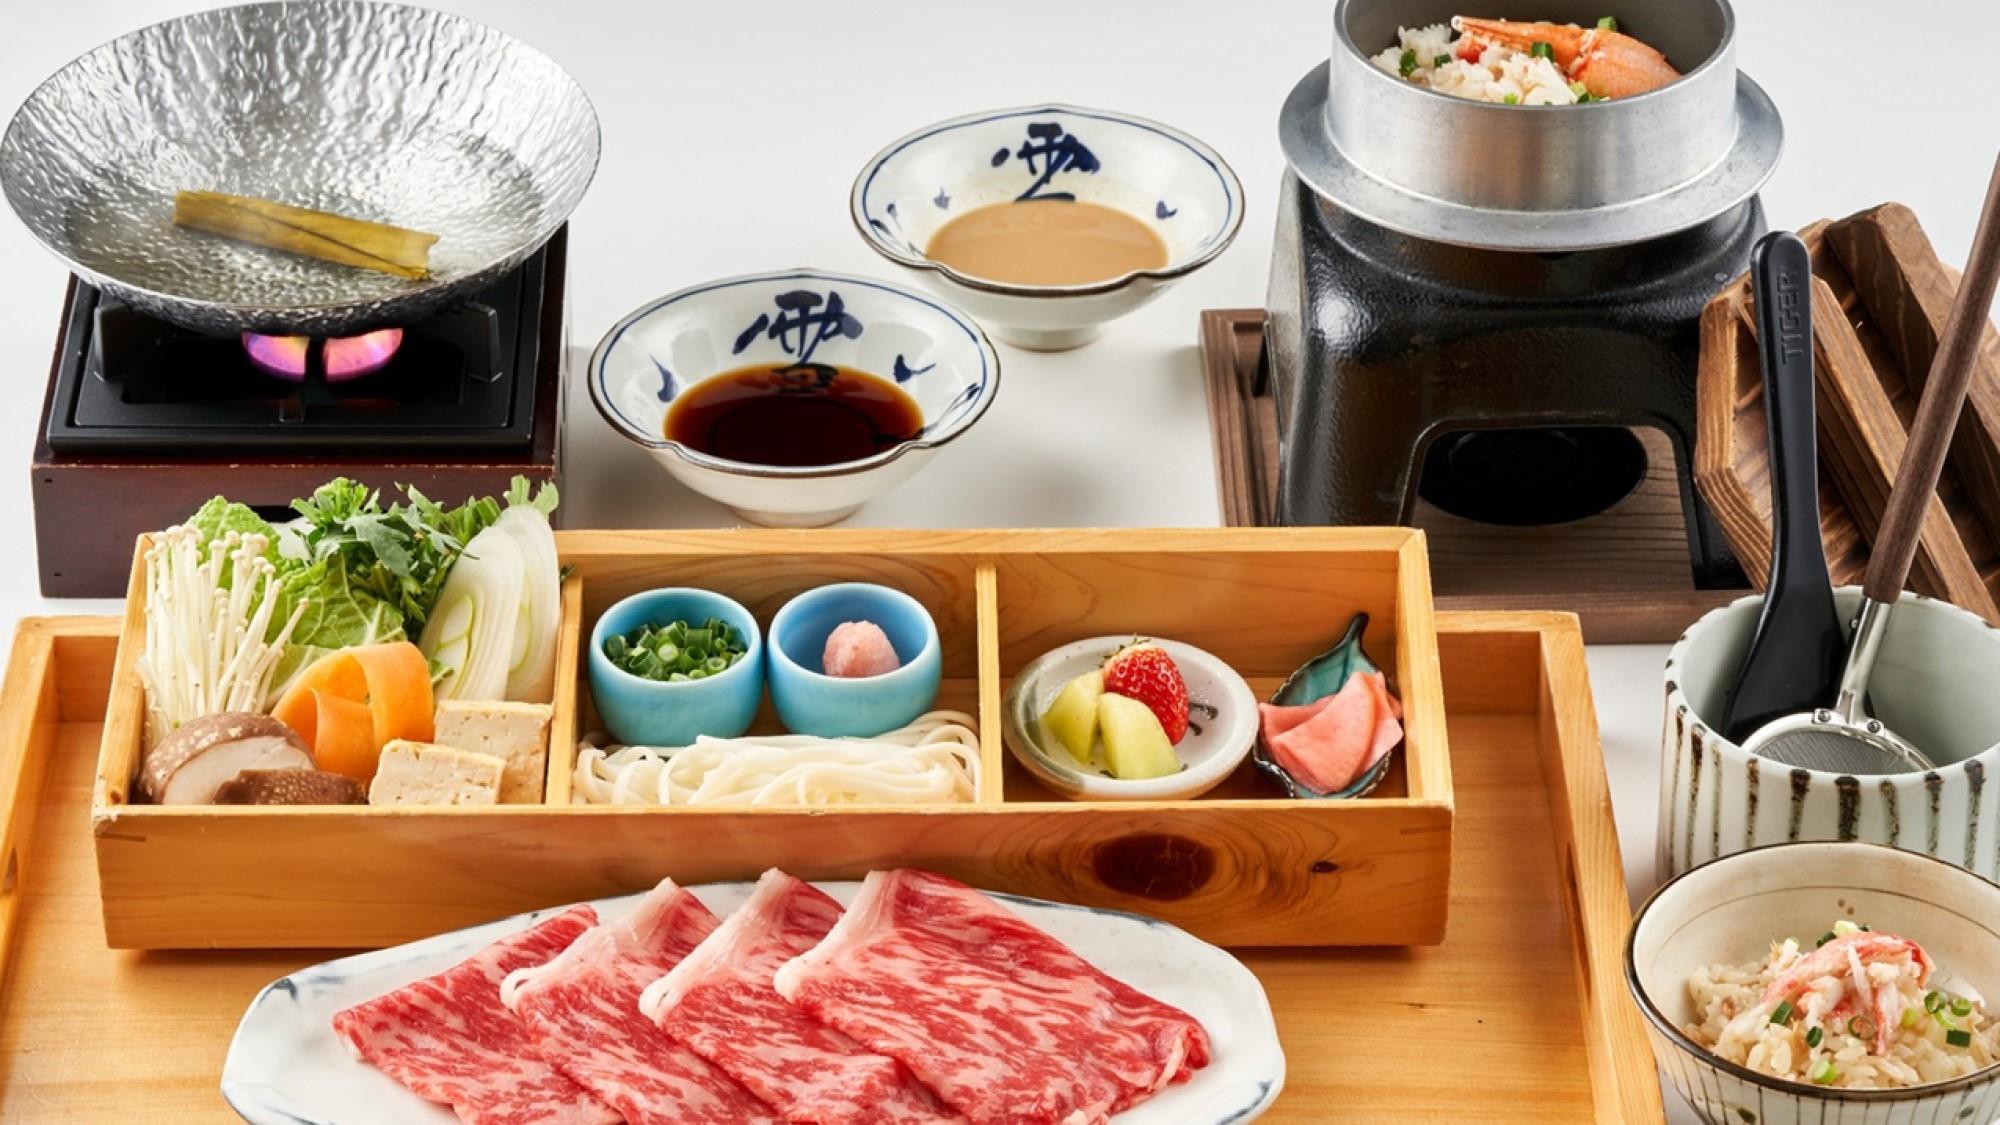 【共立リゾート★6月限定】最大40%OFF!夕食は「牛ロースのしゃぶしゃぶと選べる釜飯」をご堪能!